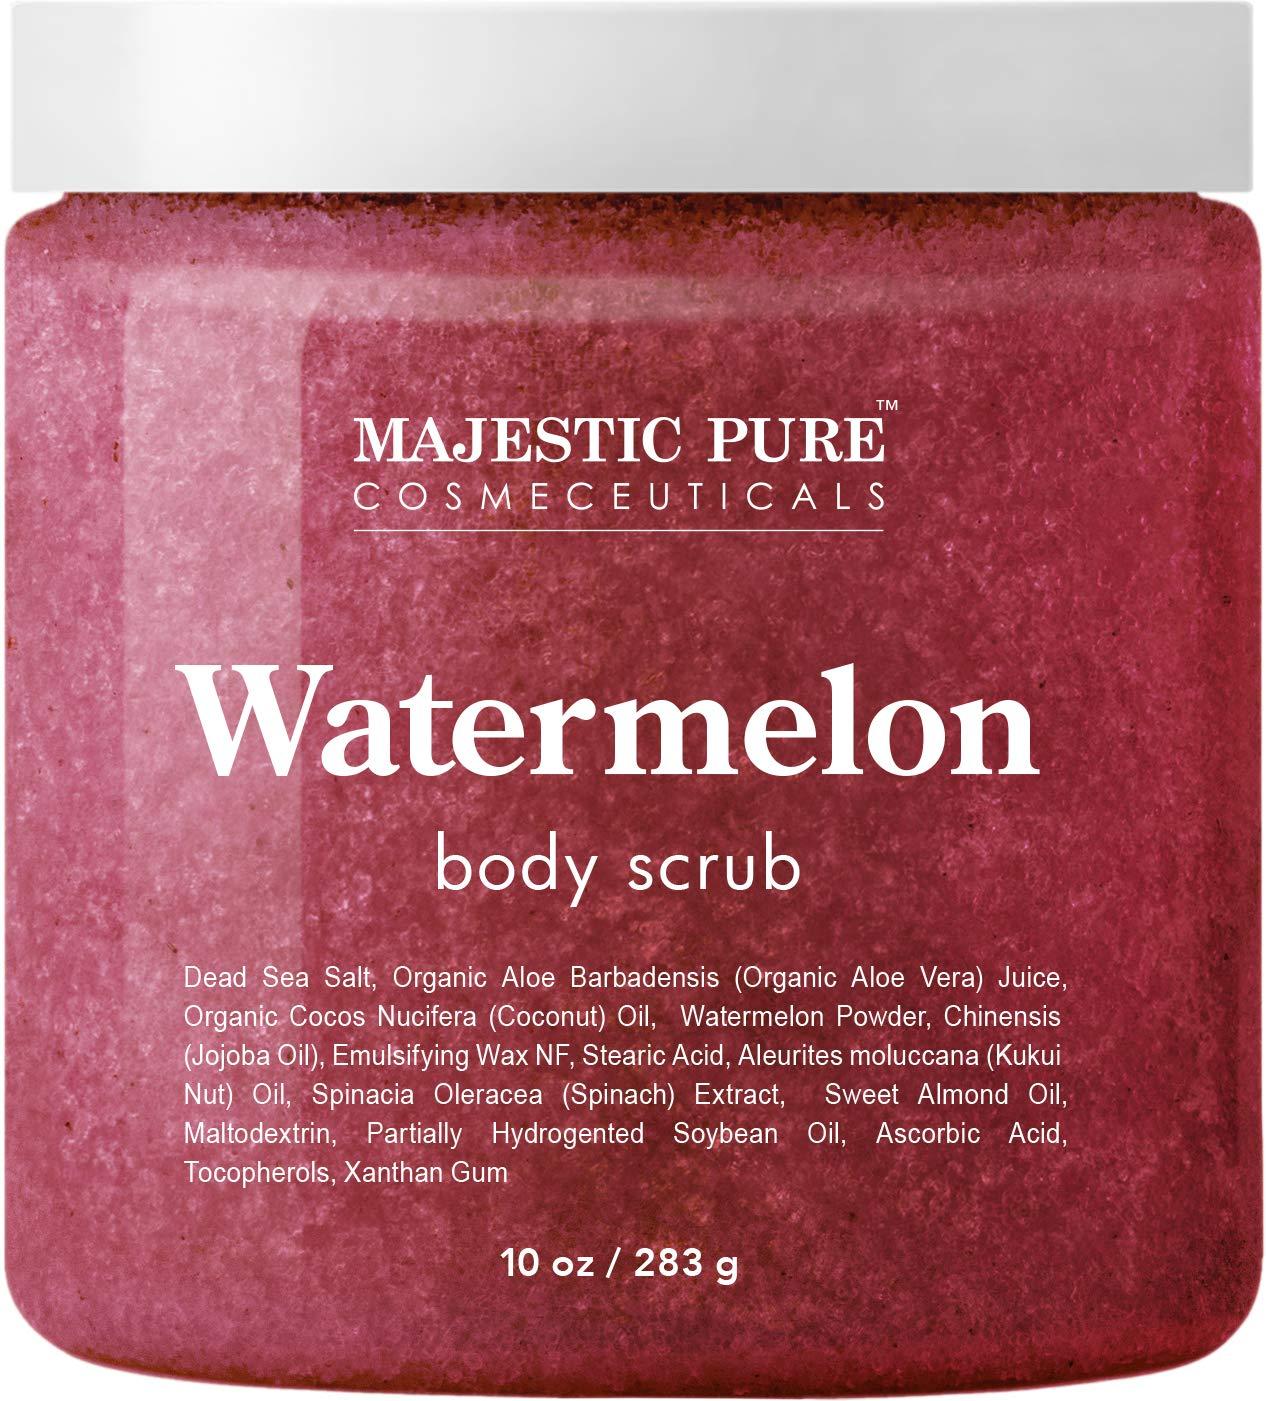 Majestic Pure Watermelon Body Scrub - Age Defying - Exfoliates, Hydrates, and Moisturizes Skin, 10 oz